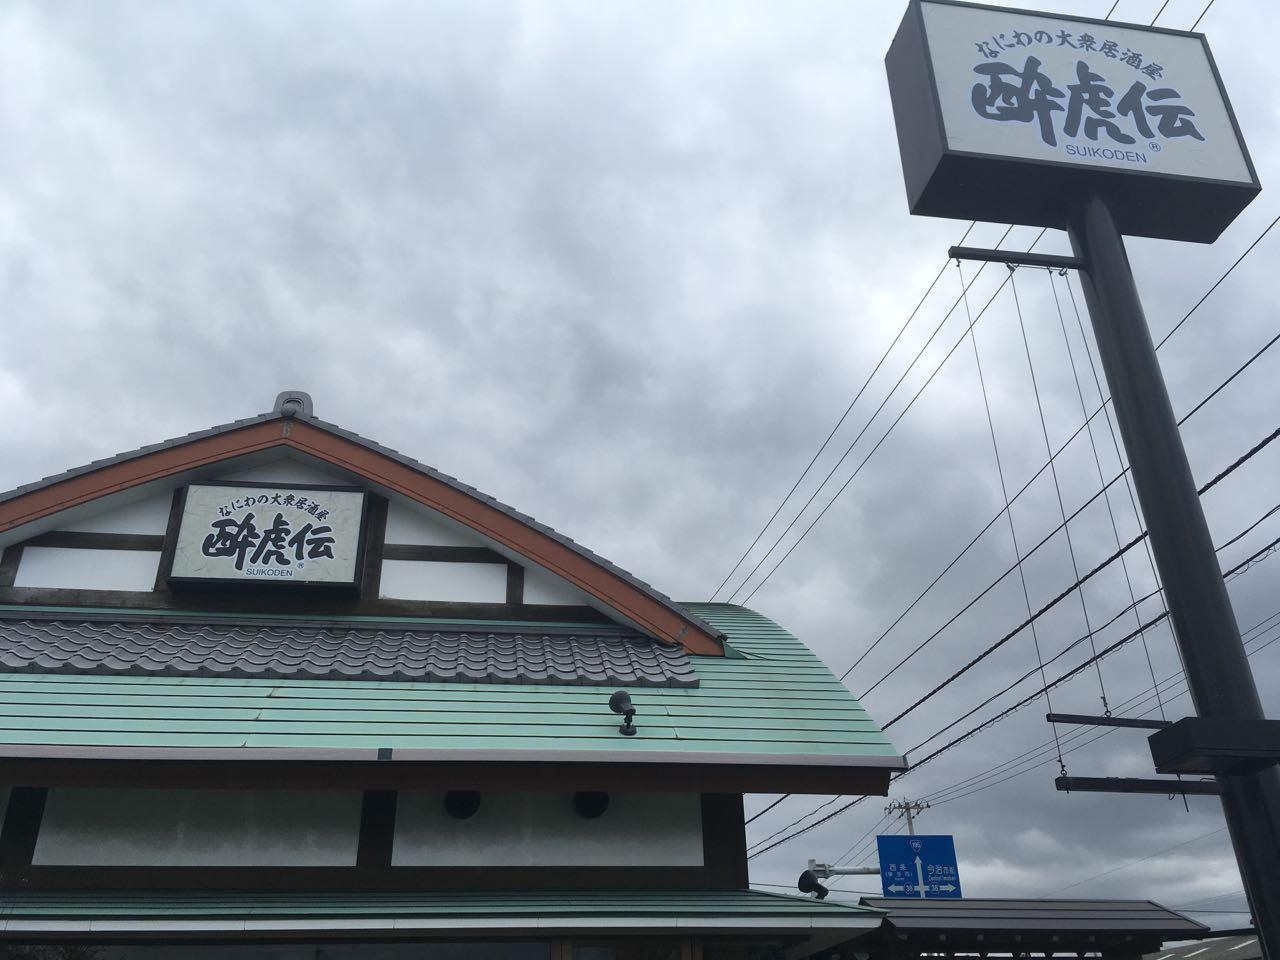 みとん今治,東村,酔虎伝,新規オープン,ワールドプラザ